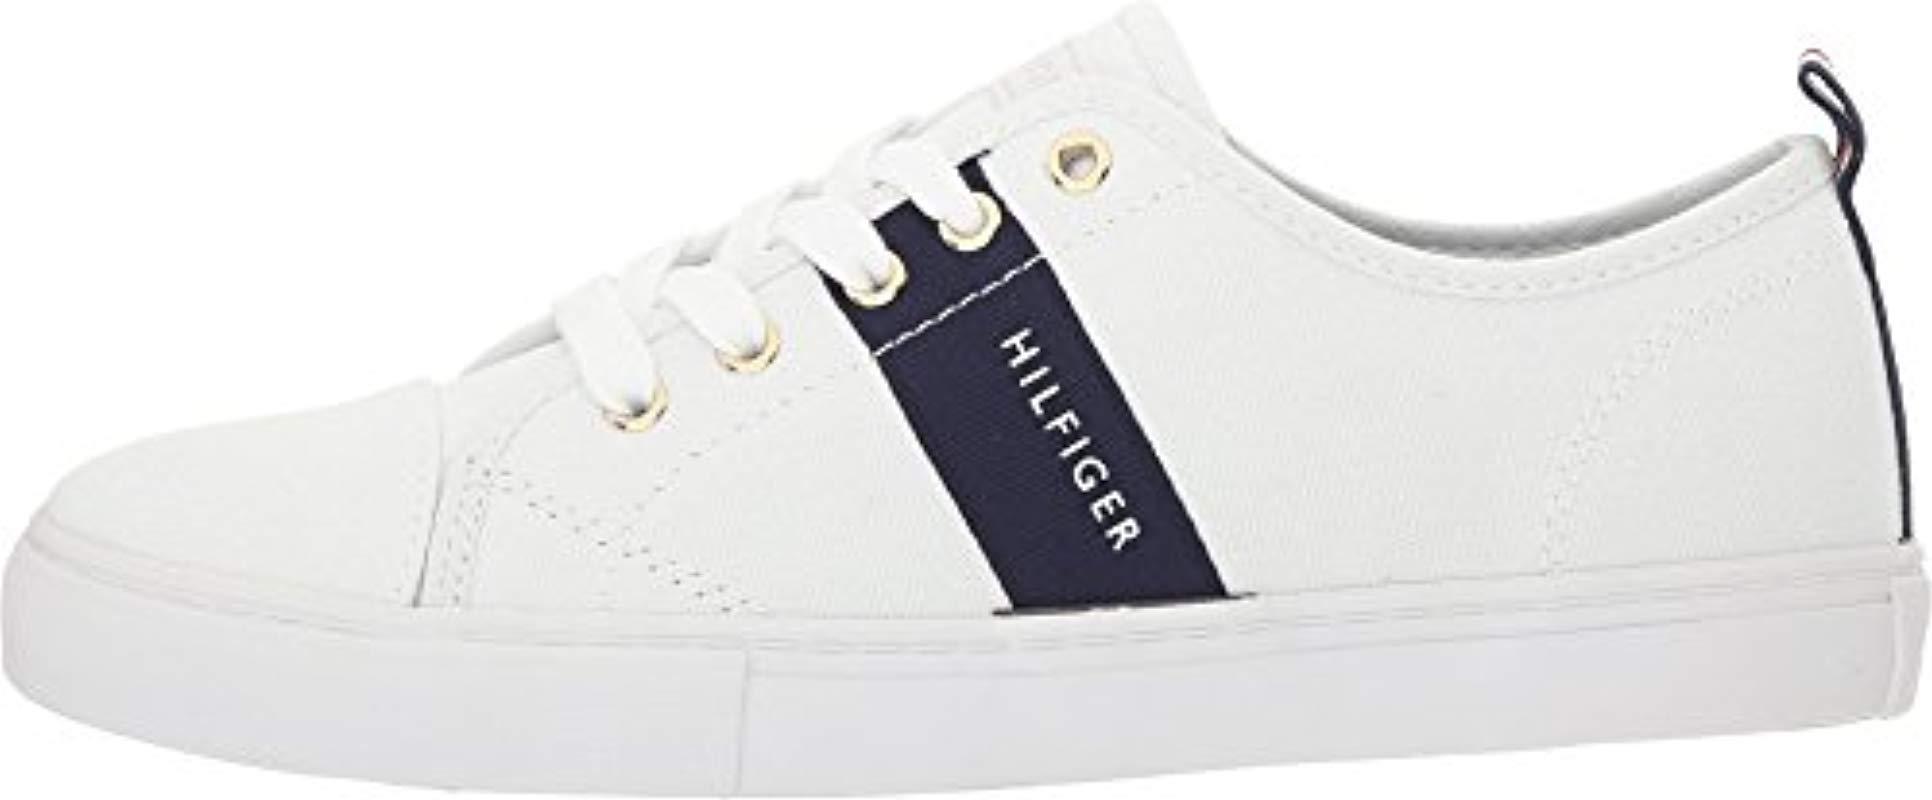 Tommy Hilfiger Rubber Lancer 2 Sneaker